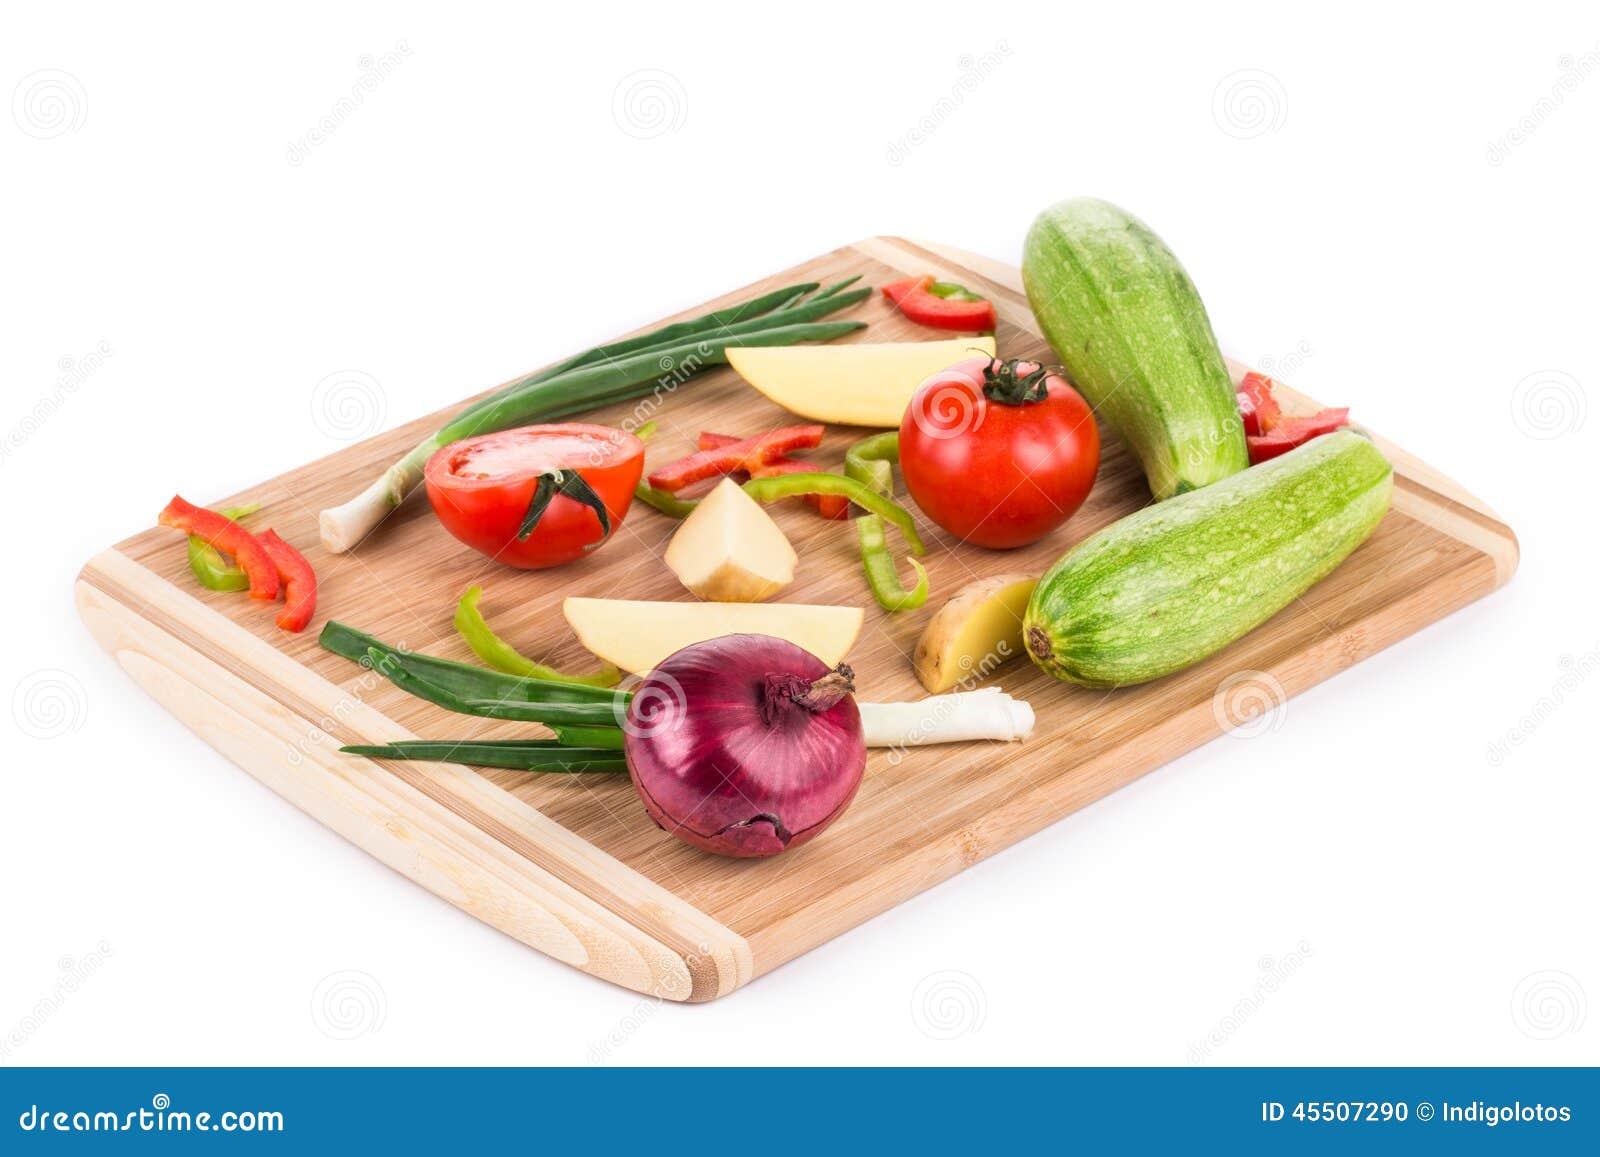 Warzywa na drewnianym półmisku